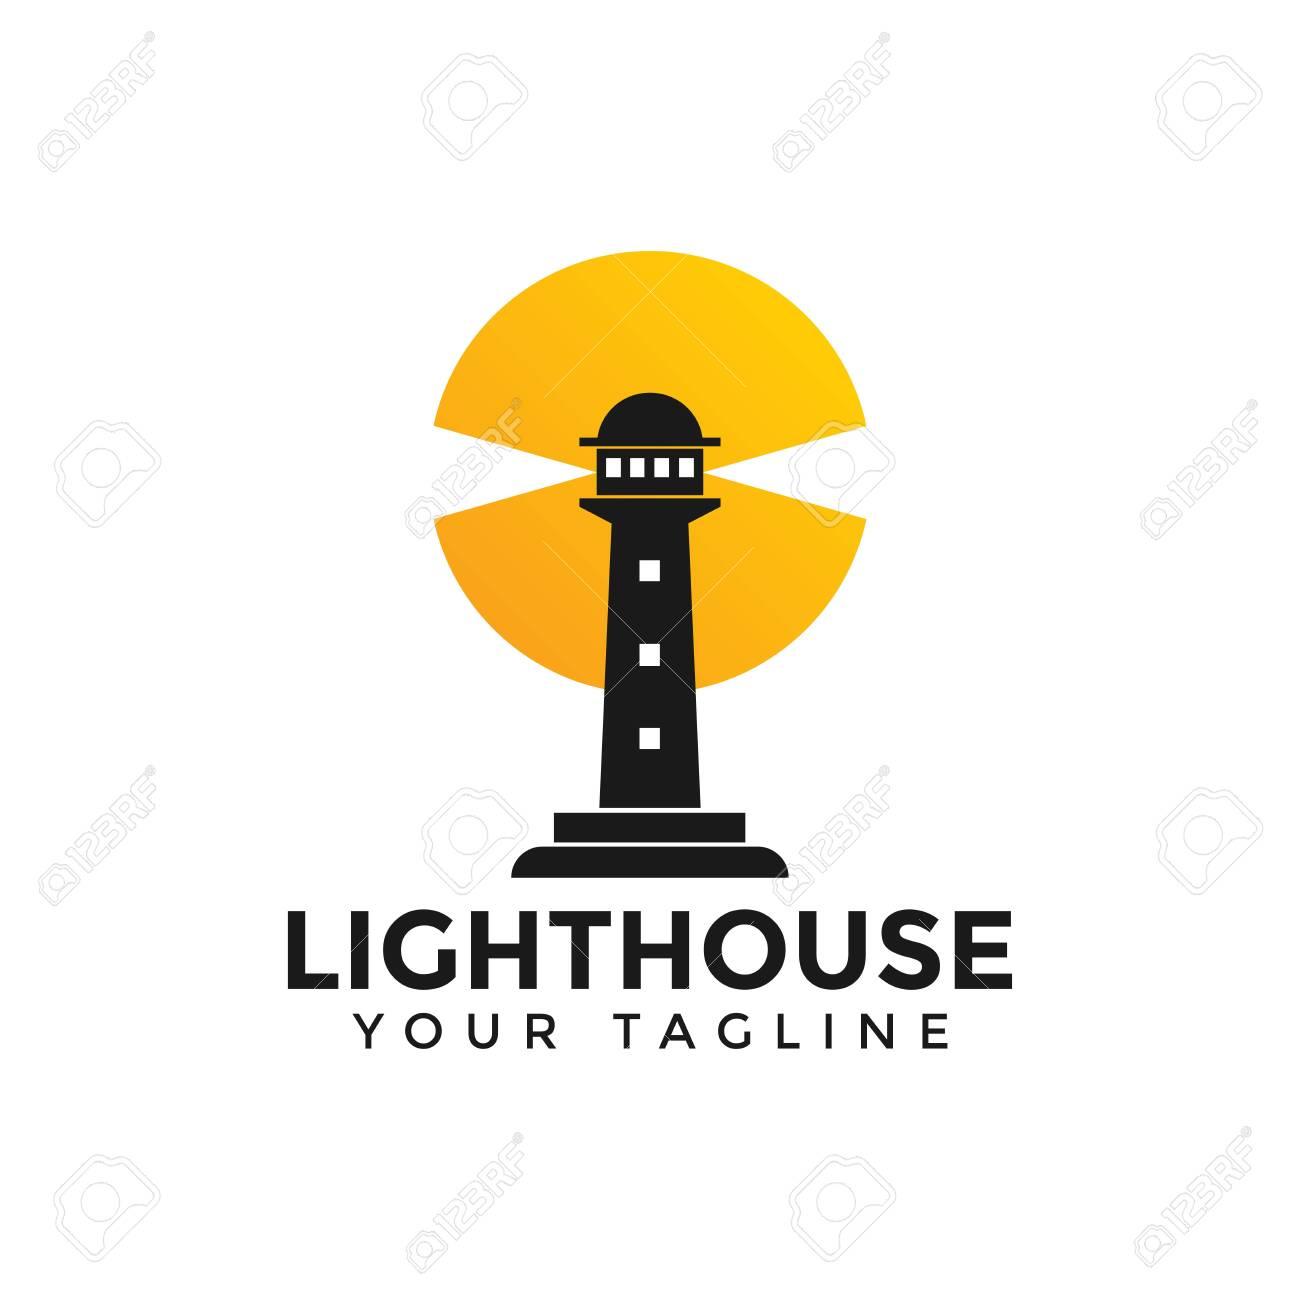 Lighthouse, Beacon Logo Design Template - 132148684